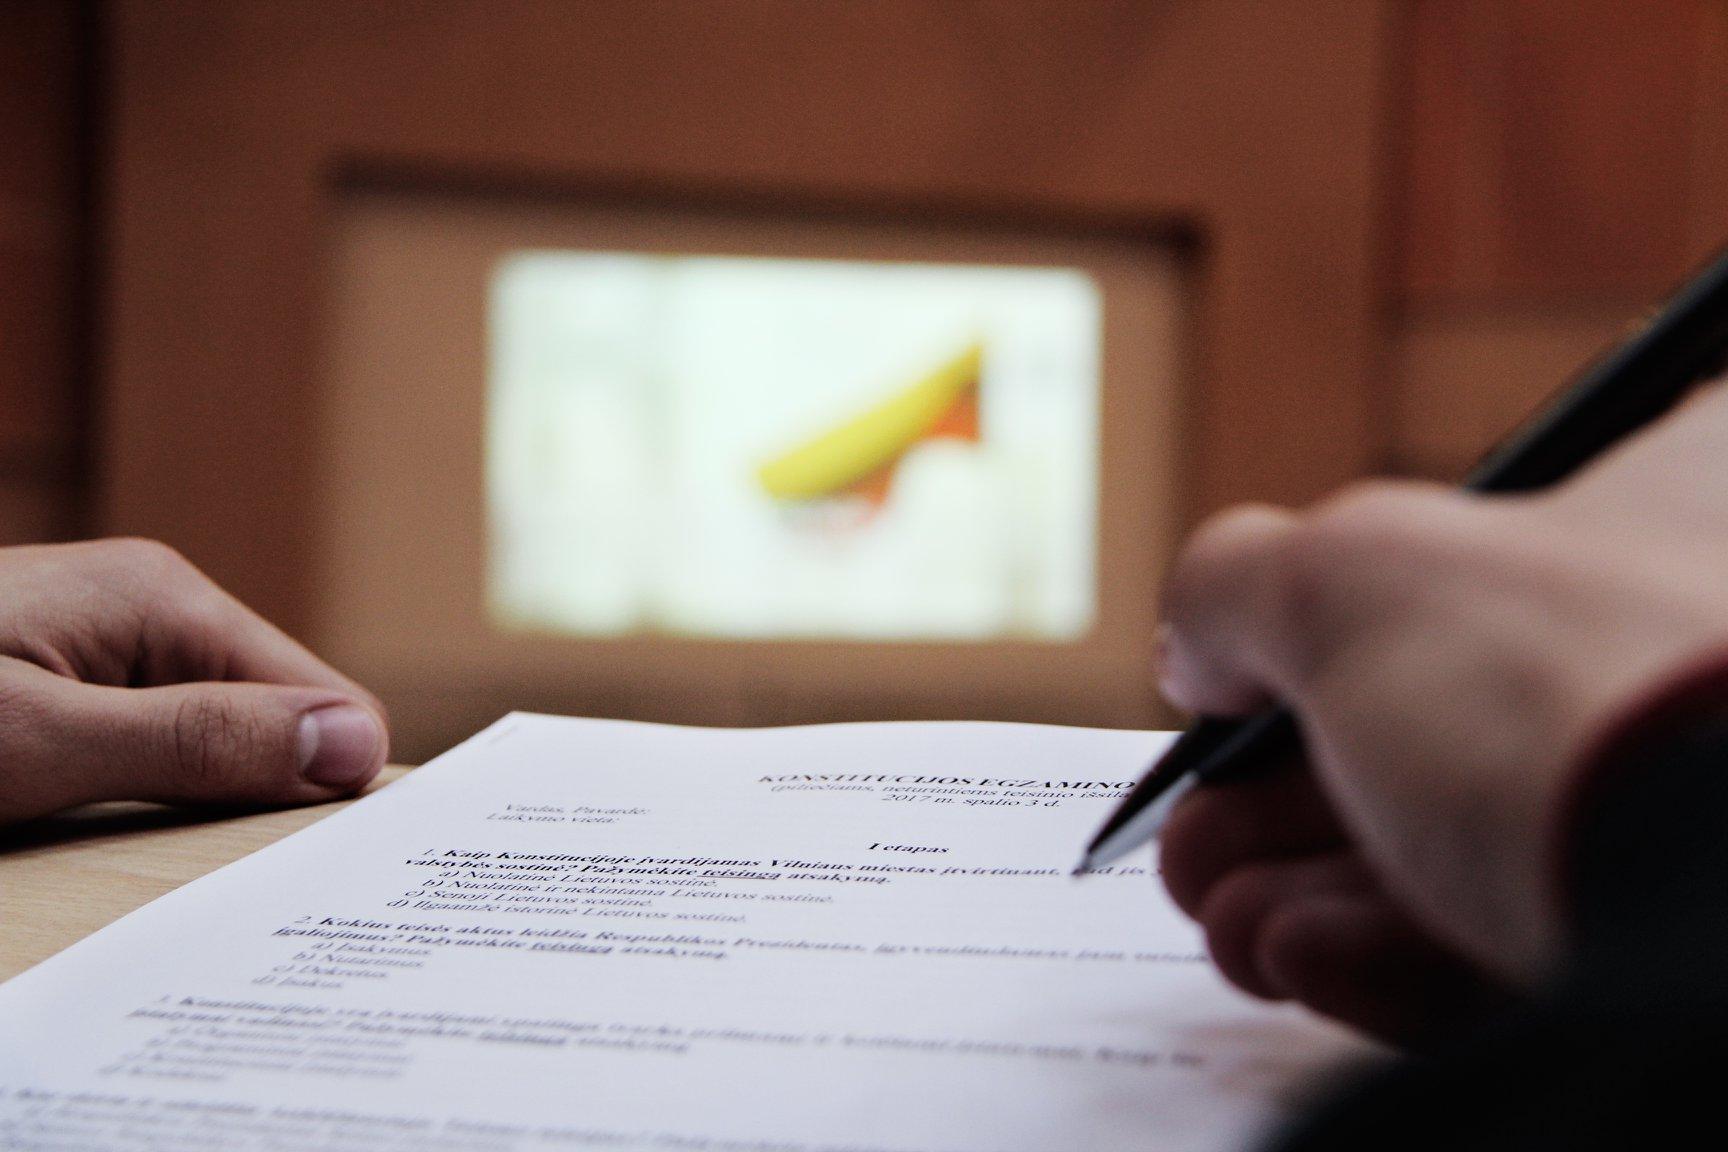 Konstitucijos egzaminas 2018 | Klaipėdos miesto savivaldybė